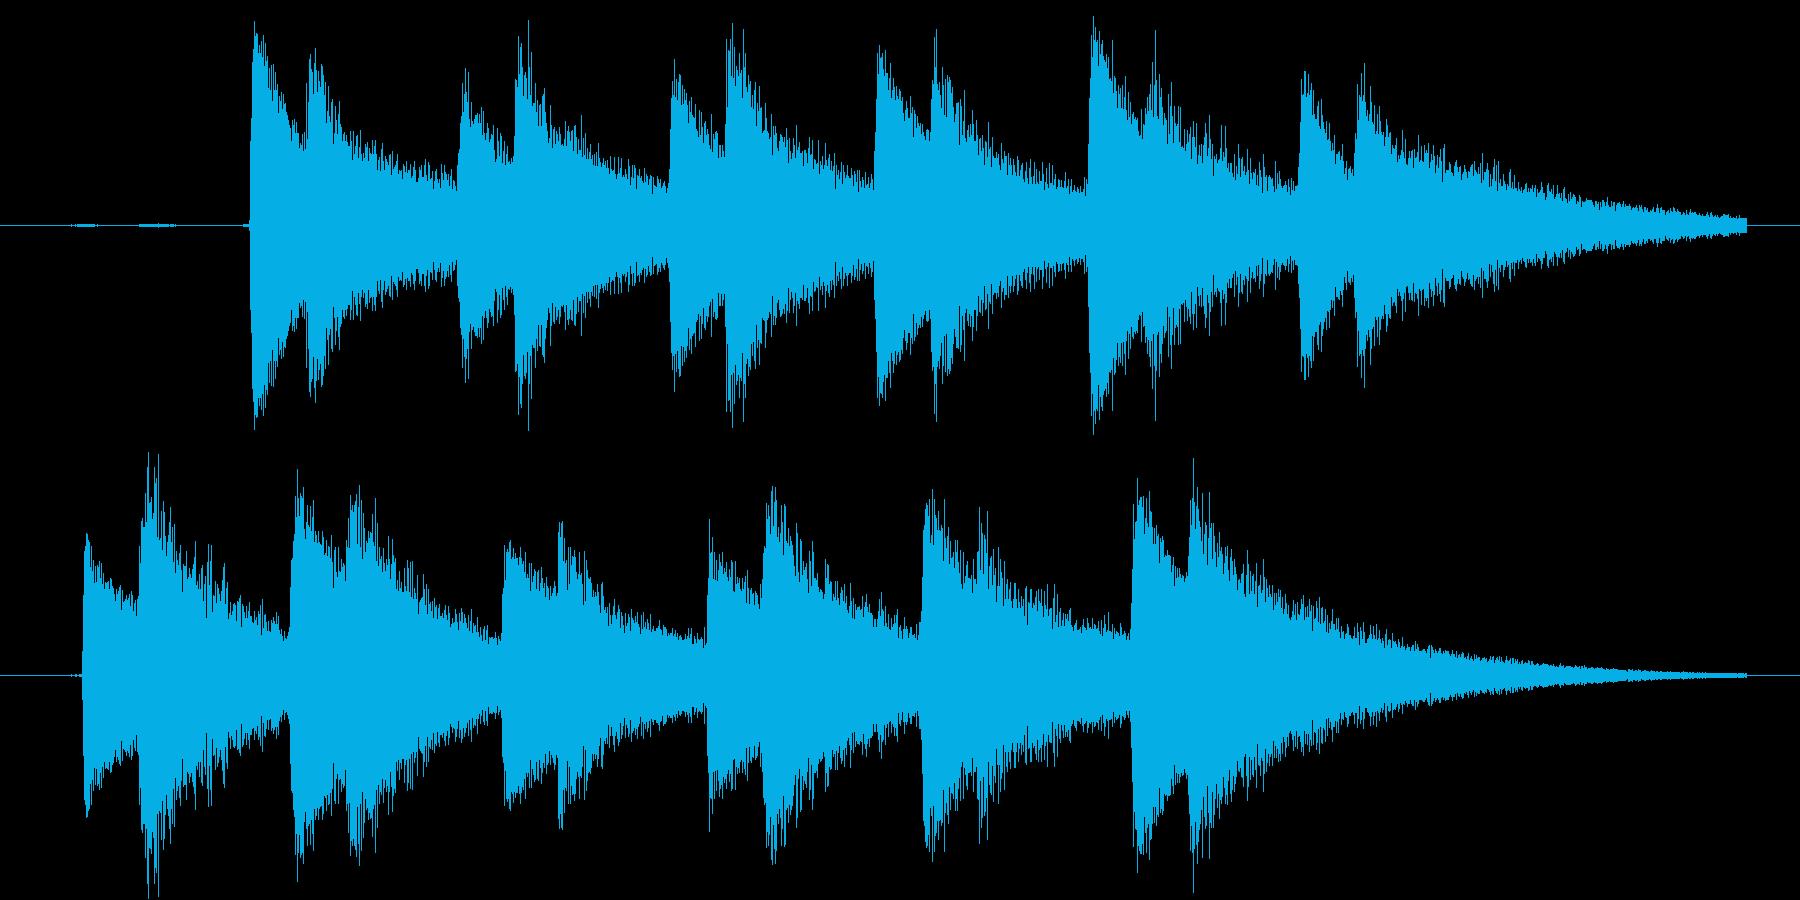 チャリン×複数(コイン沢山)の再生済みの波形